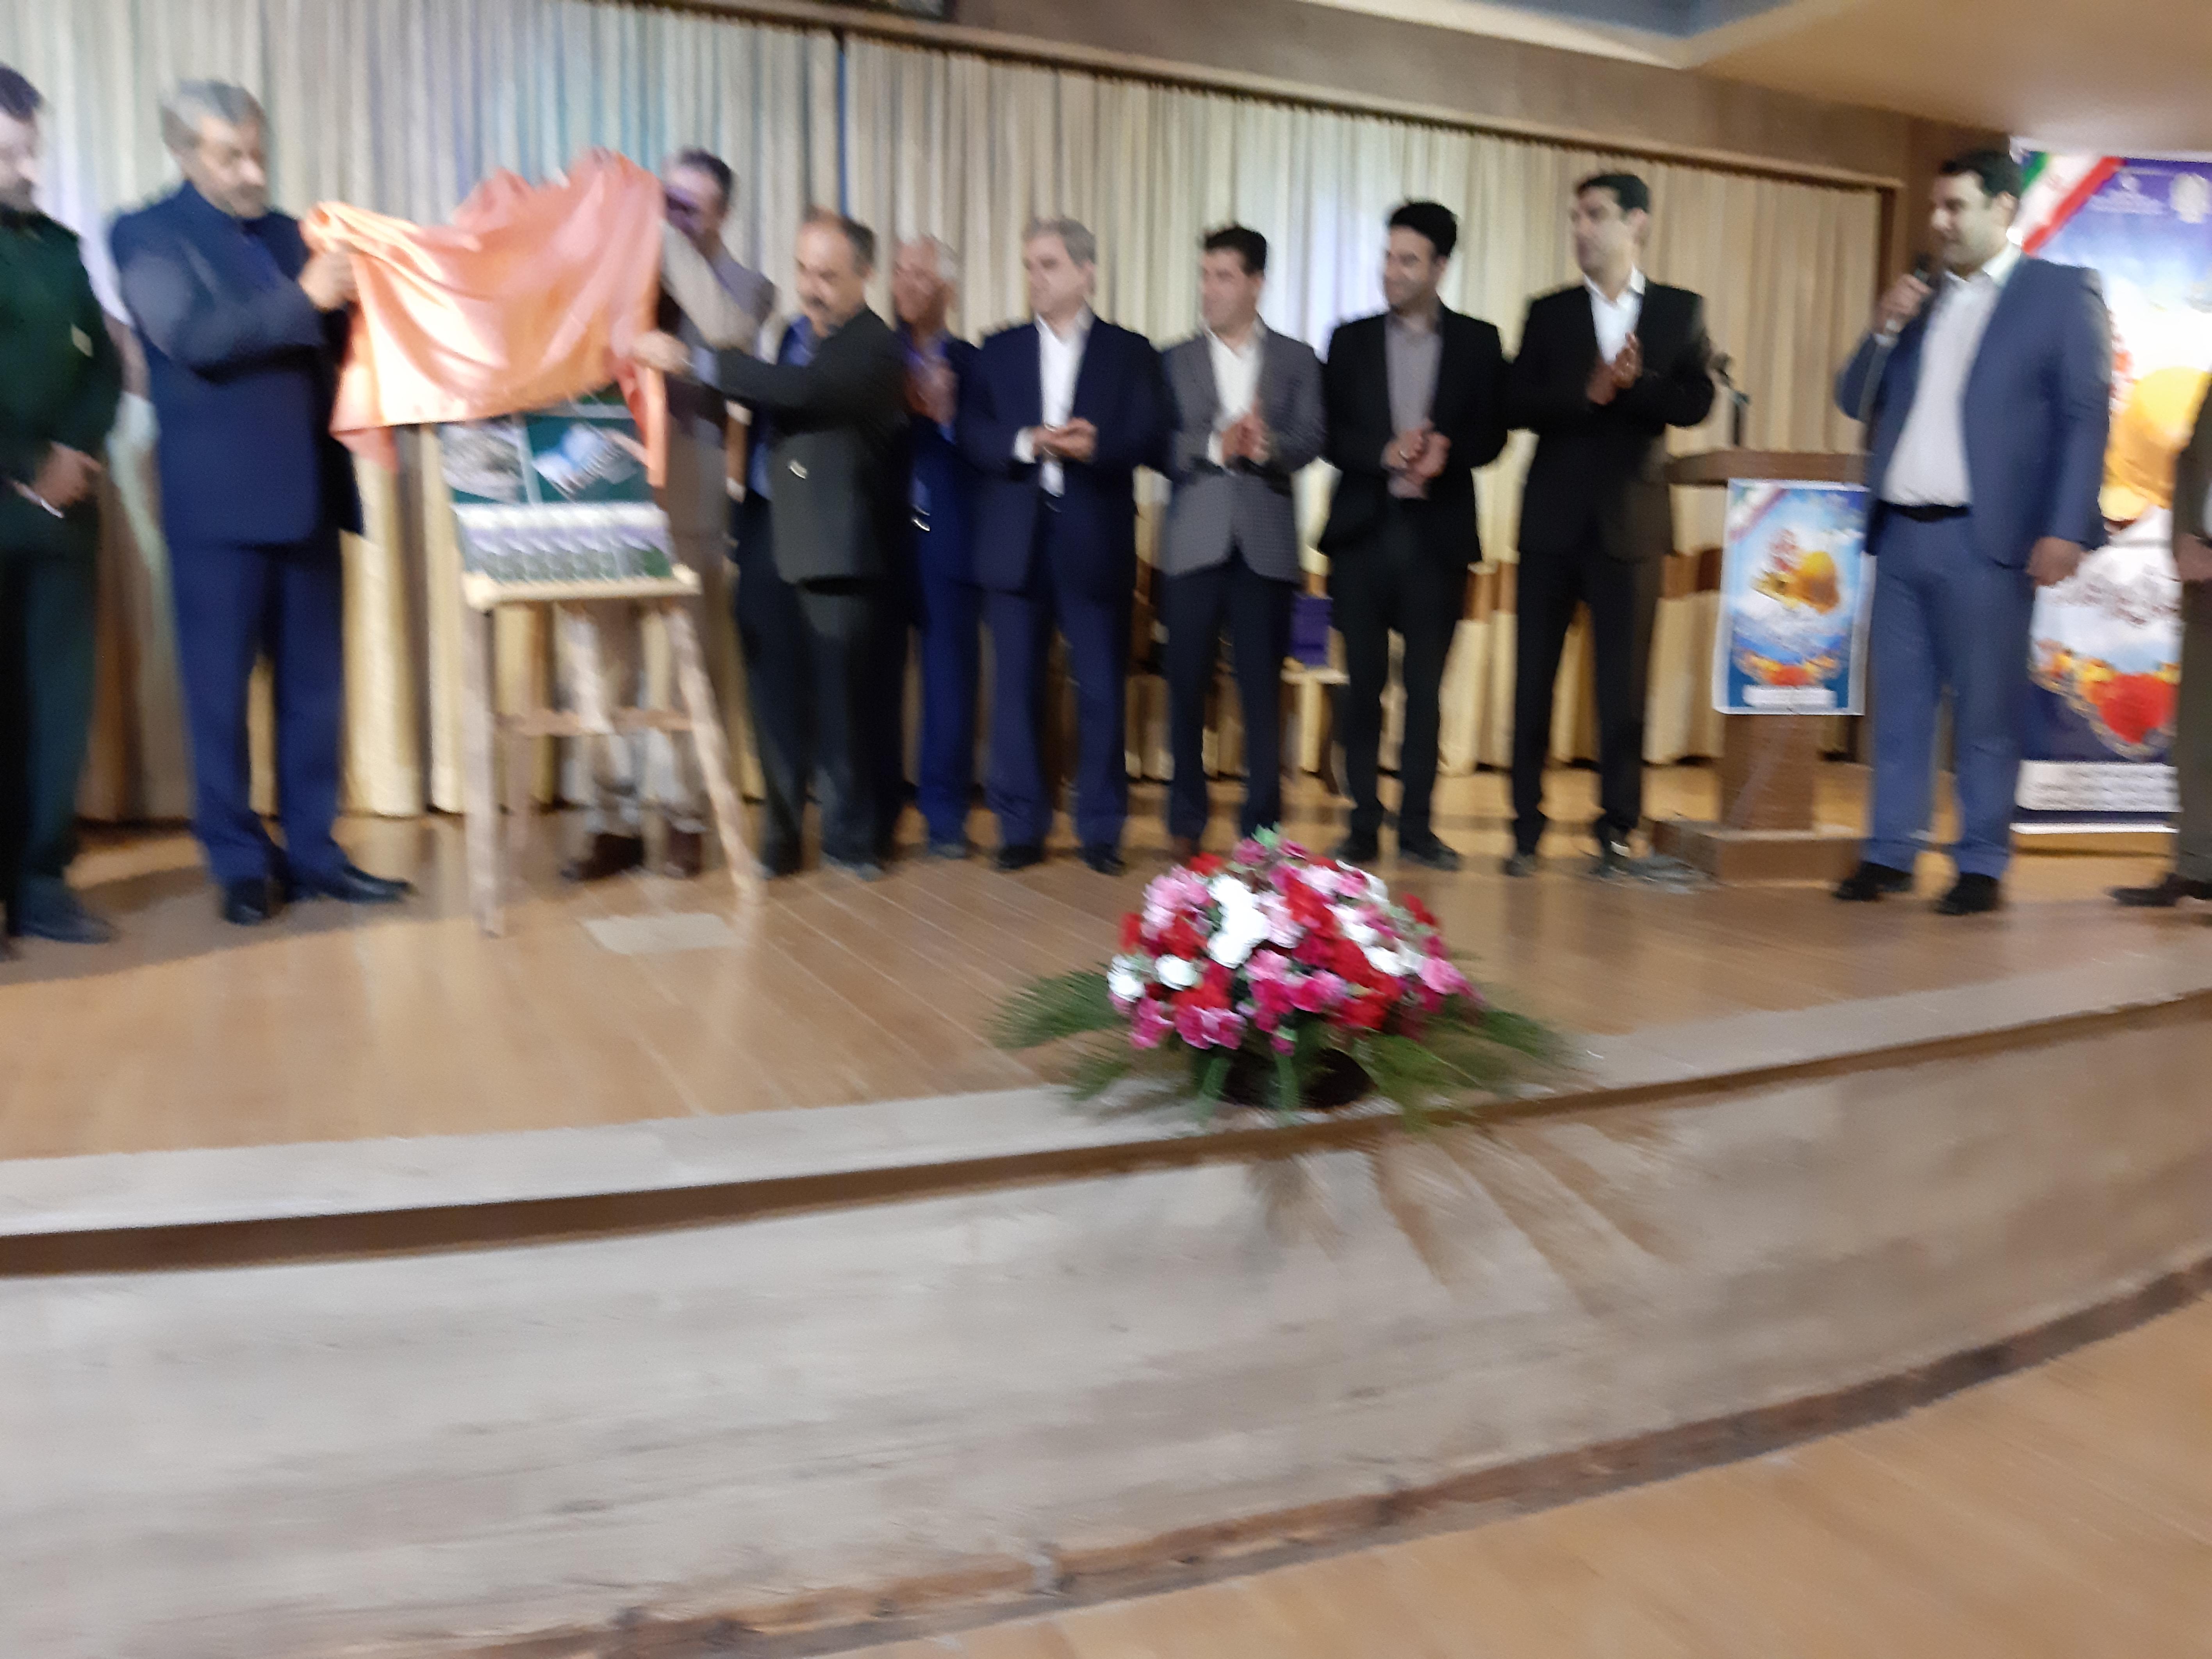 مراسم تجلیل از کارگران نمونه در سالن شهرداری لاهیجان برگزار شد